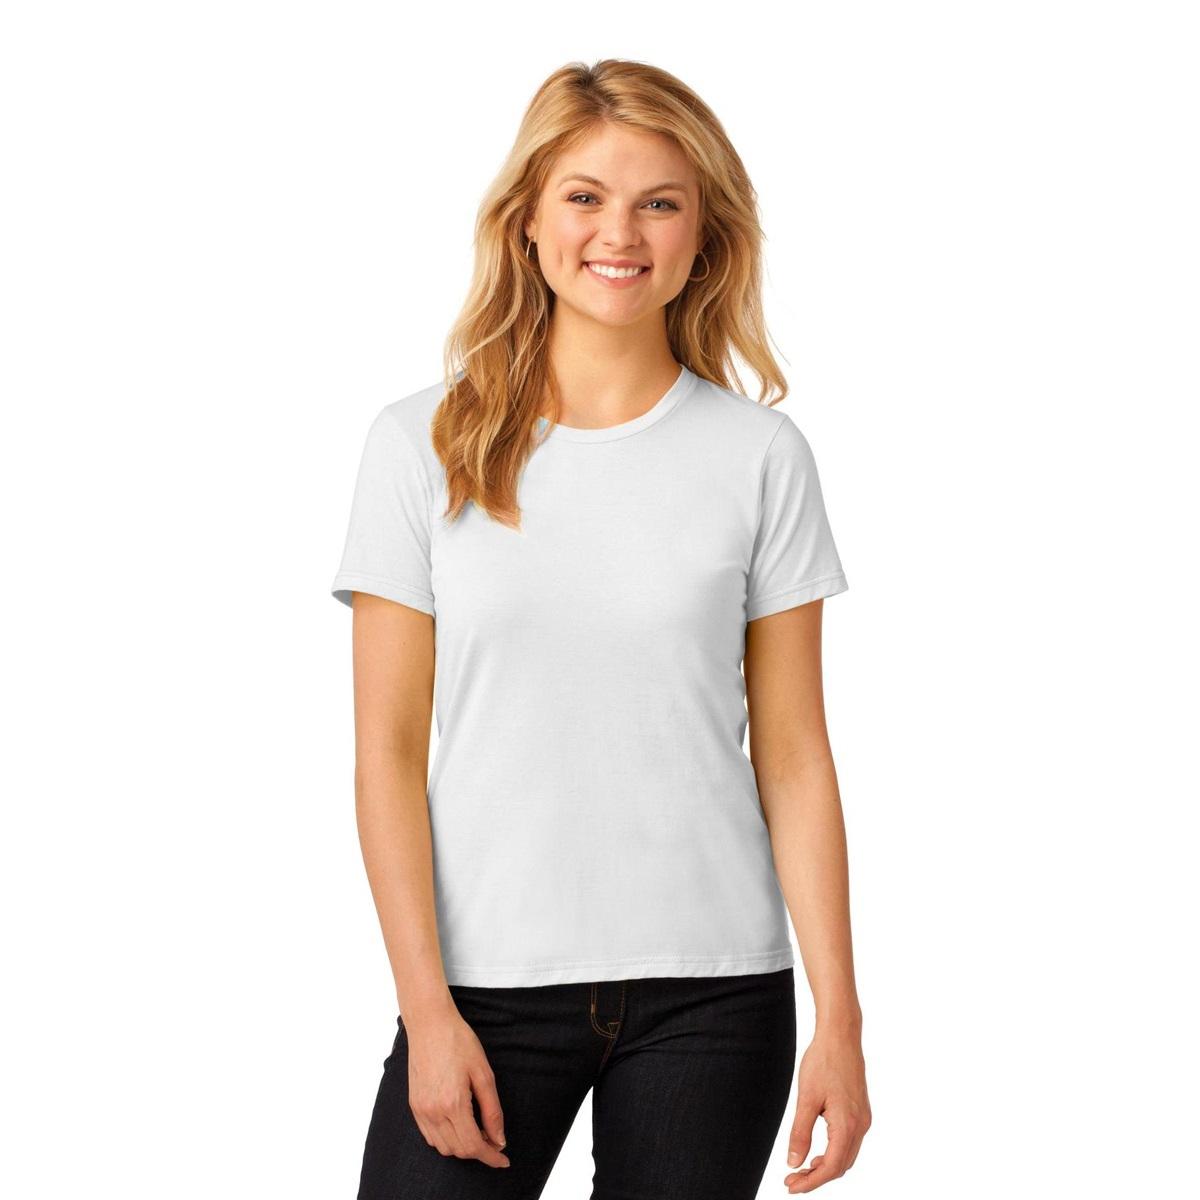 Anvil 880 ladies 100 ring spun cotton t shirt white for 100 ringspun cotton t shirt wholesale